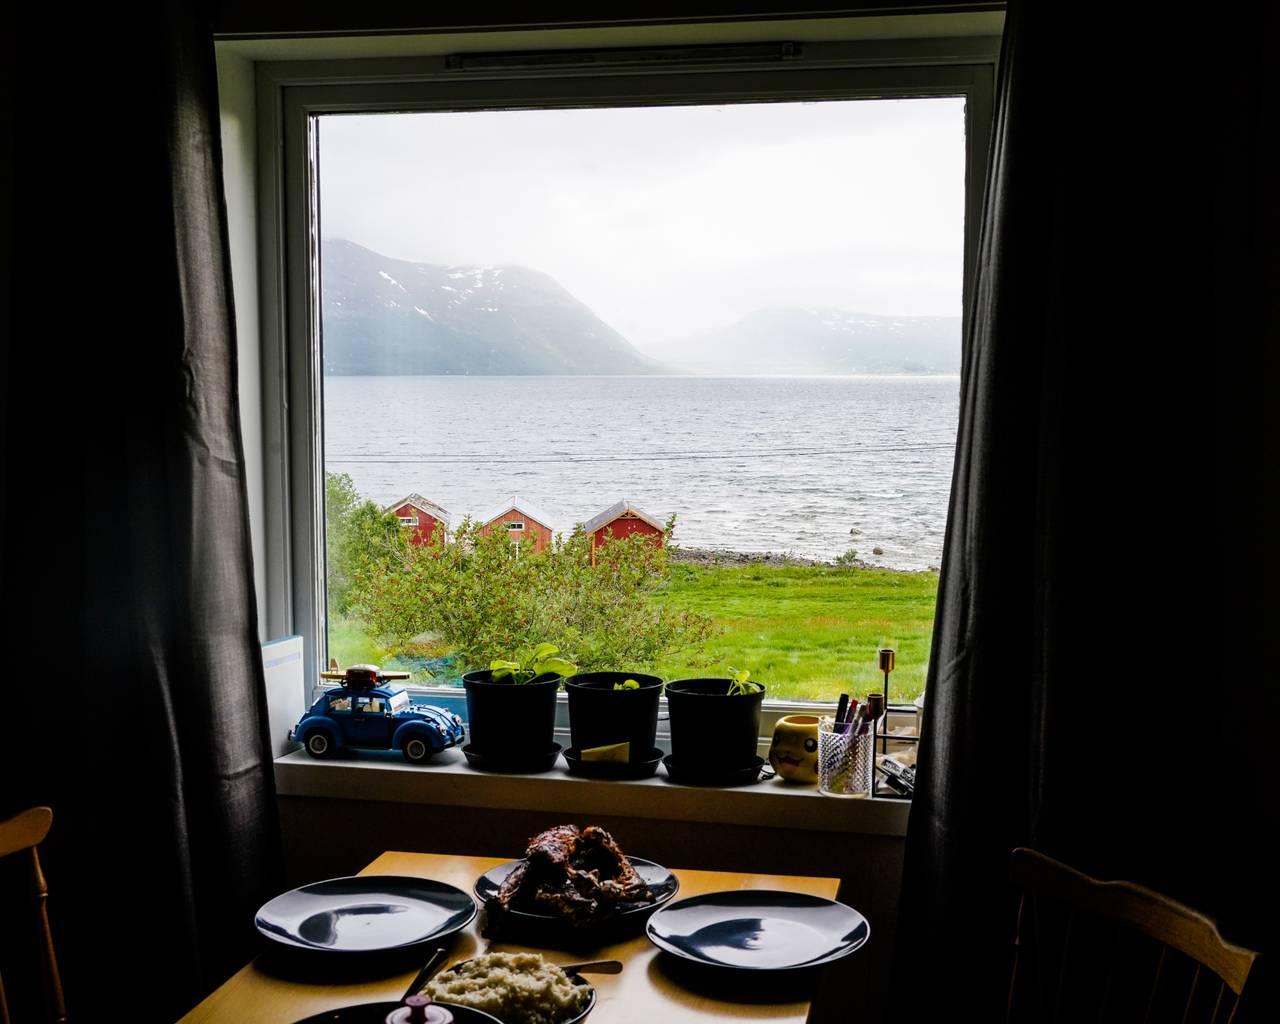 Maten er servert på bordet. Utenfor ser vi utsikten.